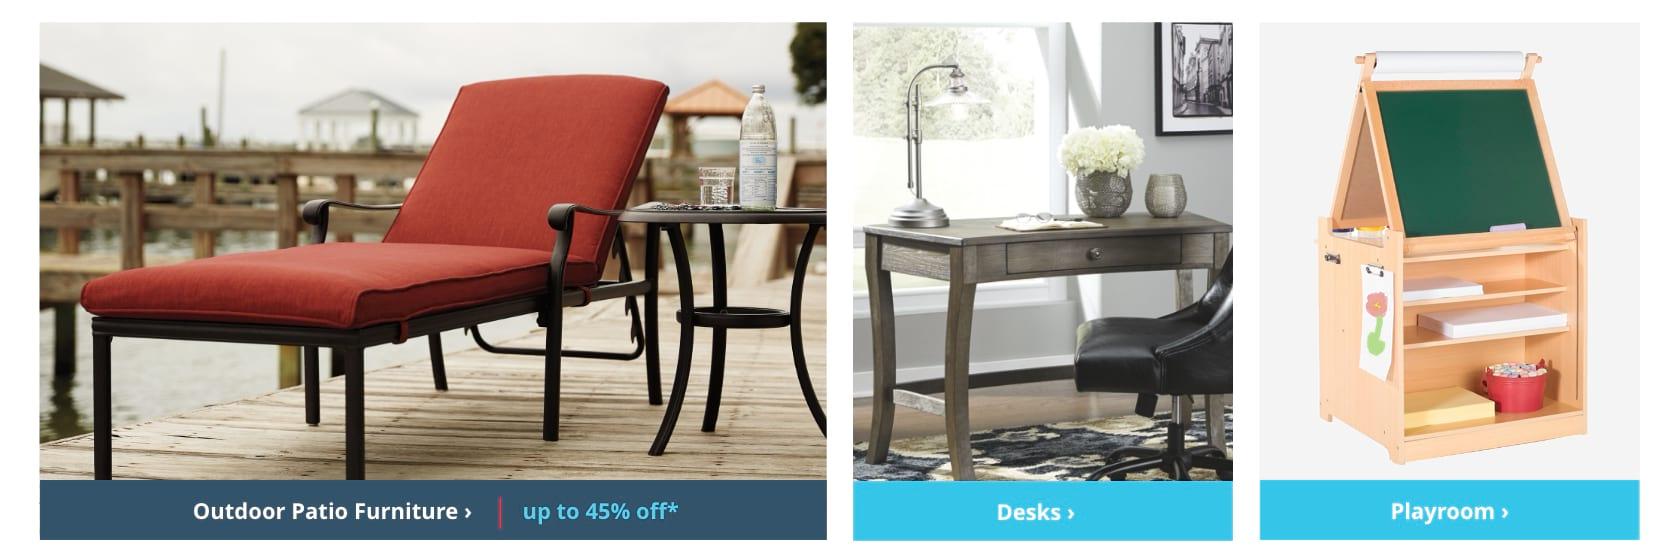 Shop Outdoor Patio Furniture, Desks, Playroom